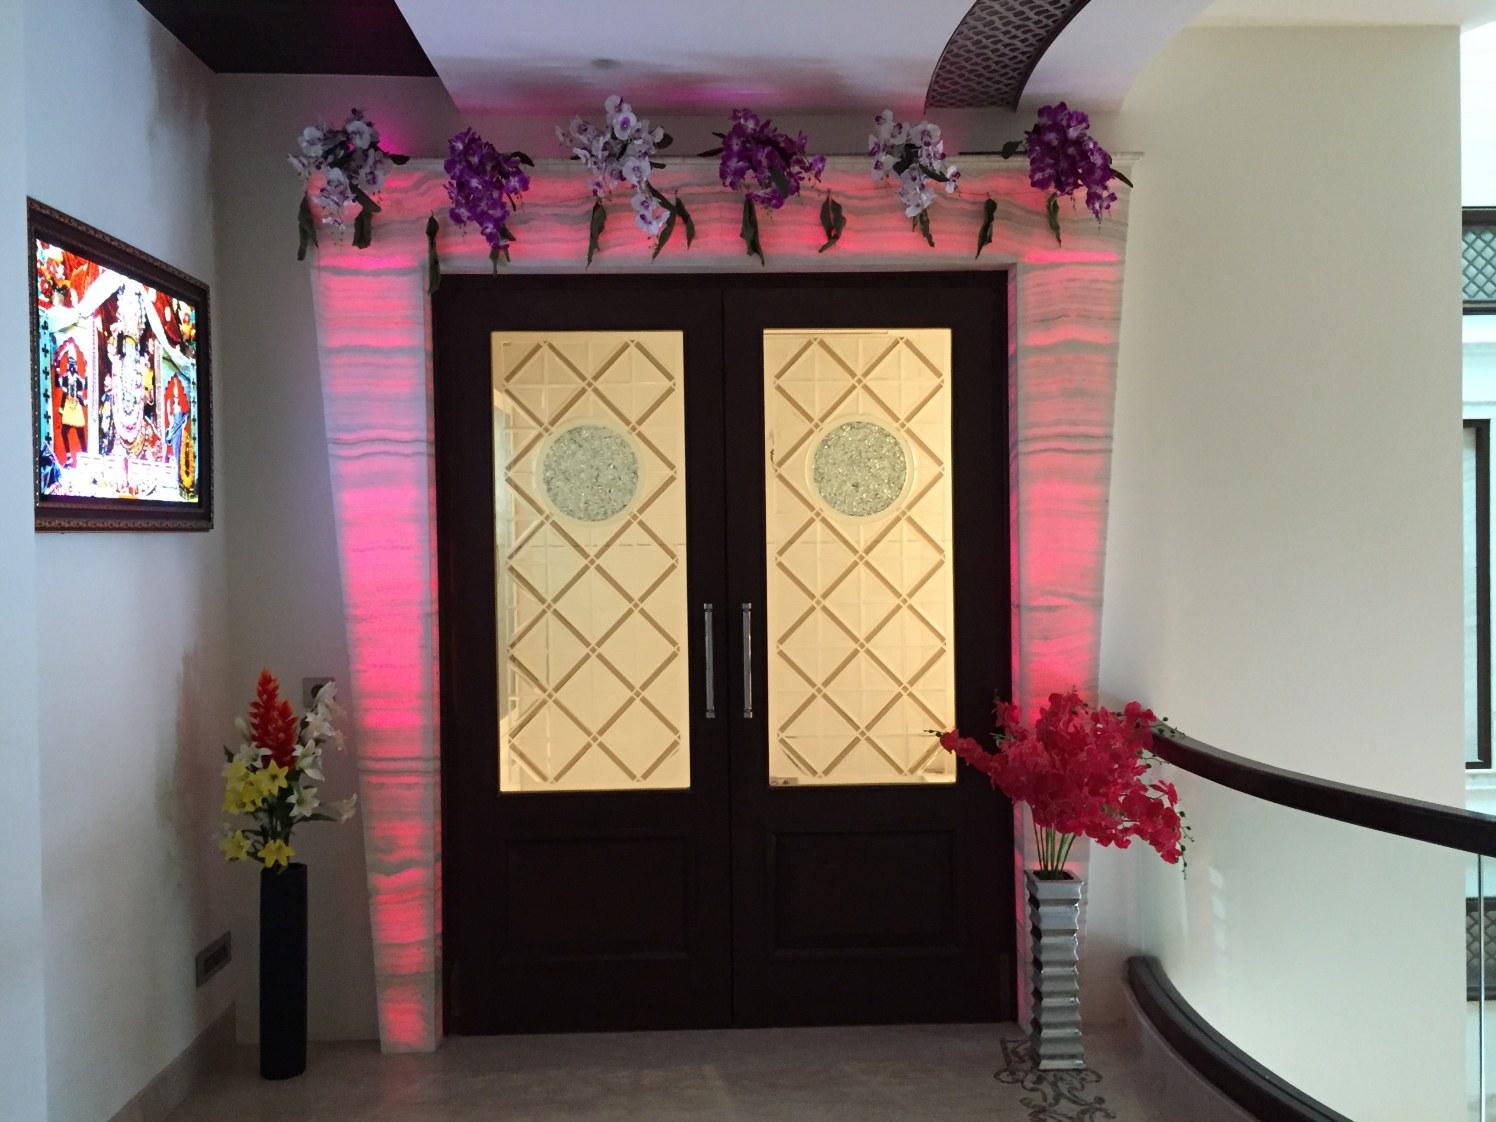 Hallway With Floral Entrance Decor by Tarique Anwar Indoor-spaces Contemporary | Interior Design Photos & Ideas